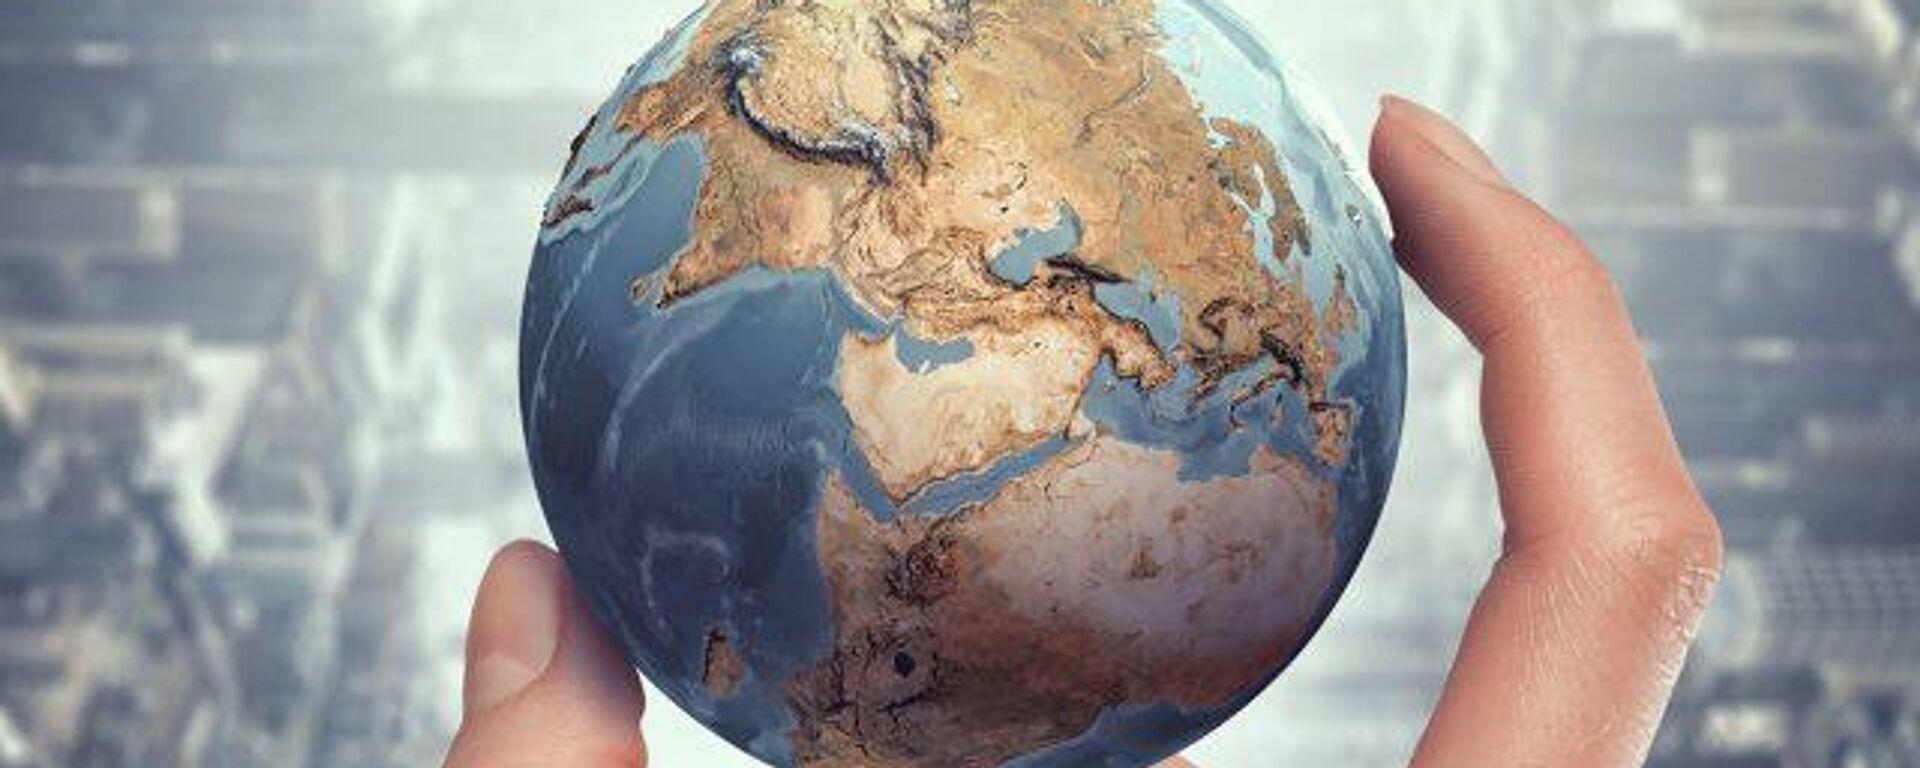 El aborto vuelve a encender la discusión en Ecuador - Sputnik Mundo, 1920, 29.06.2021